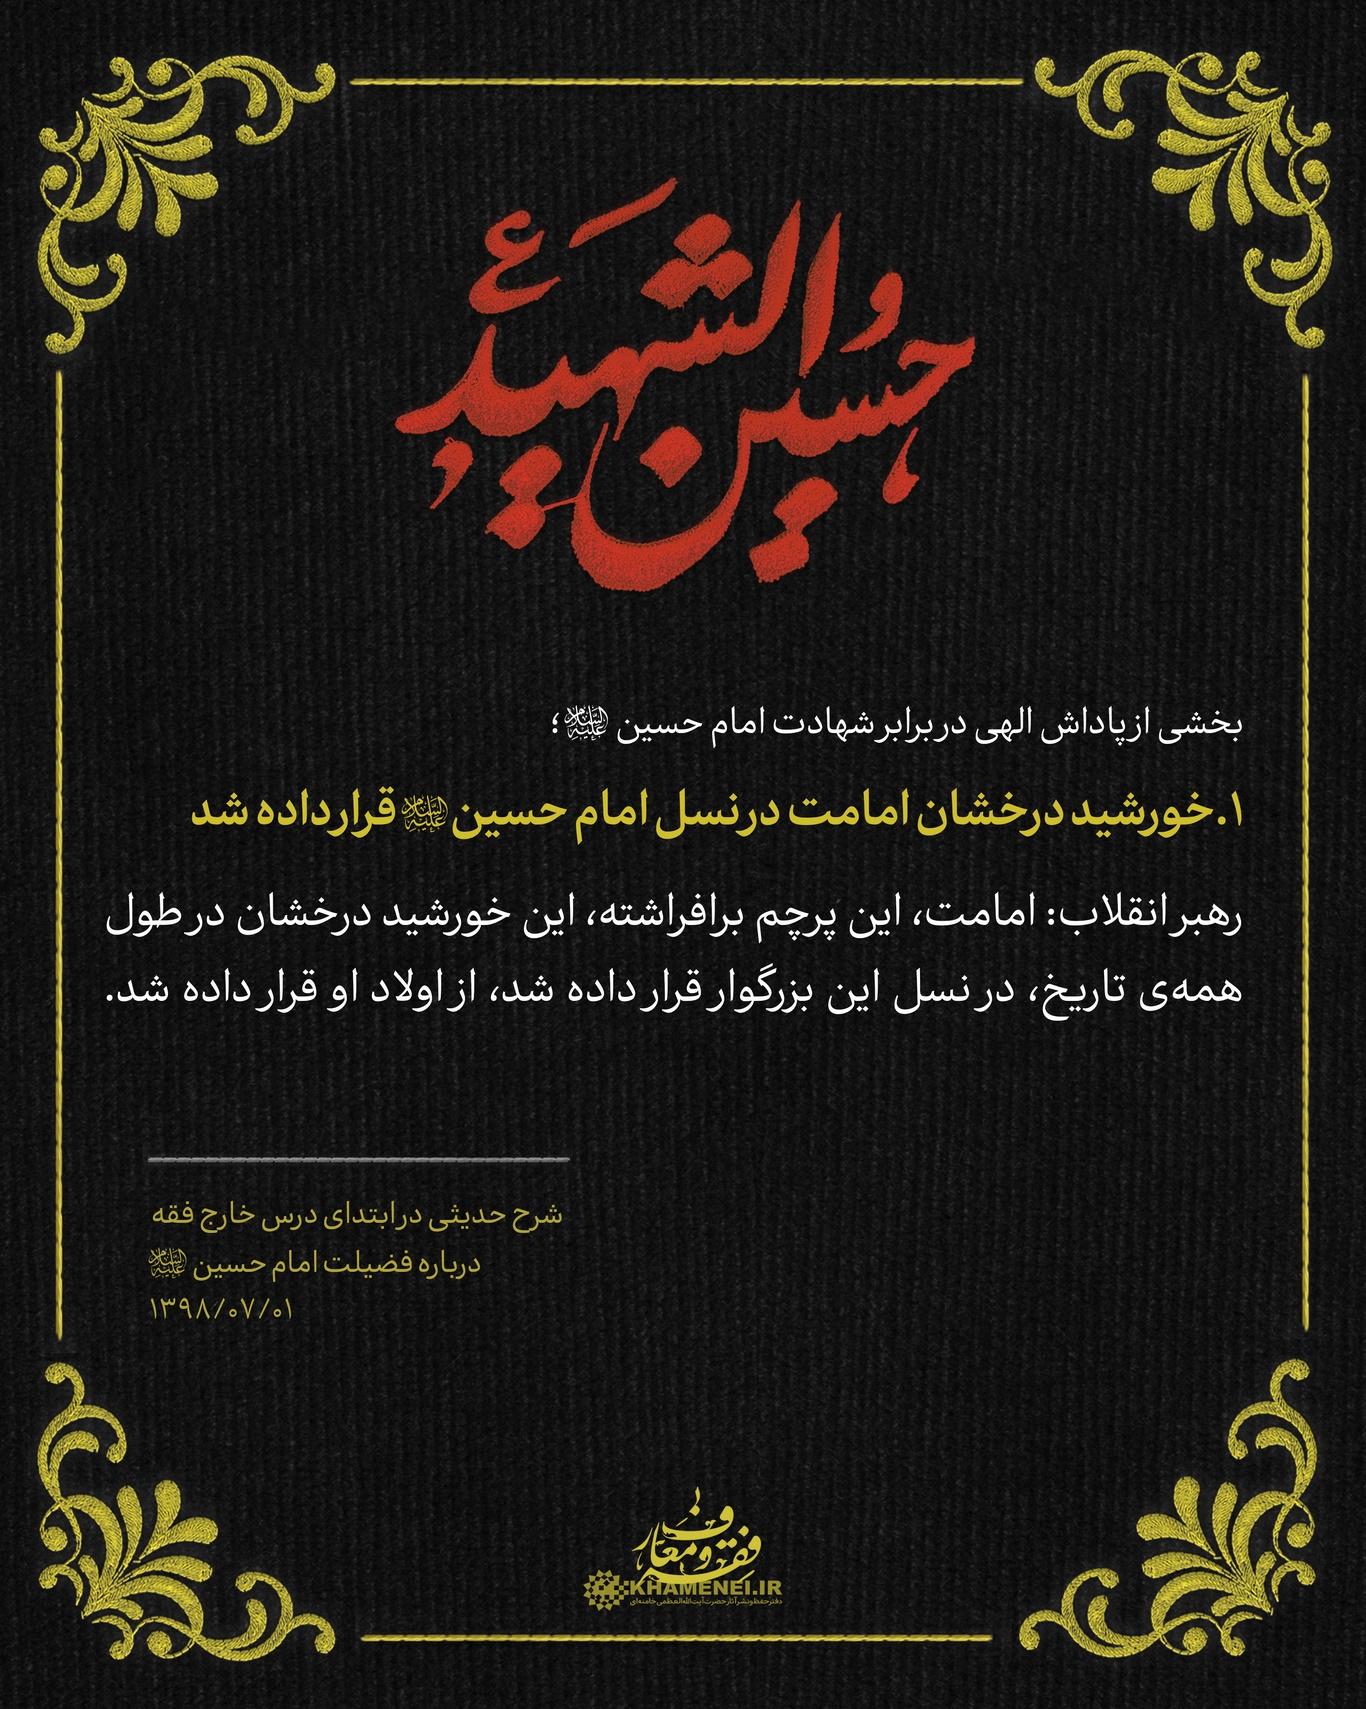 پوستر بیانات مقام معظم رهبری: شرح حدیثی درباره فضیلت زیارت امام حسین علیهالسلام (+ پوستر)